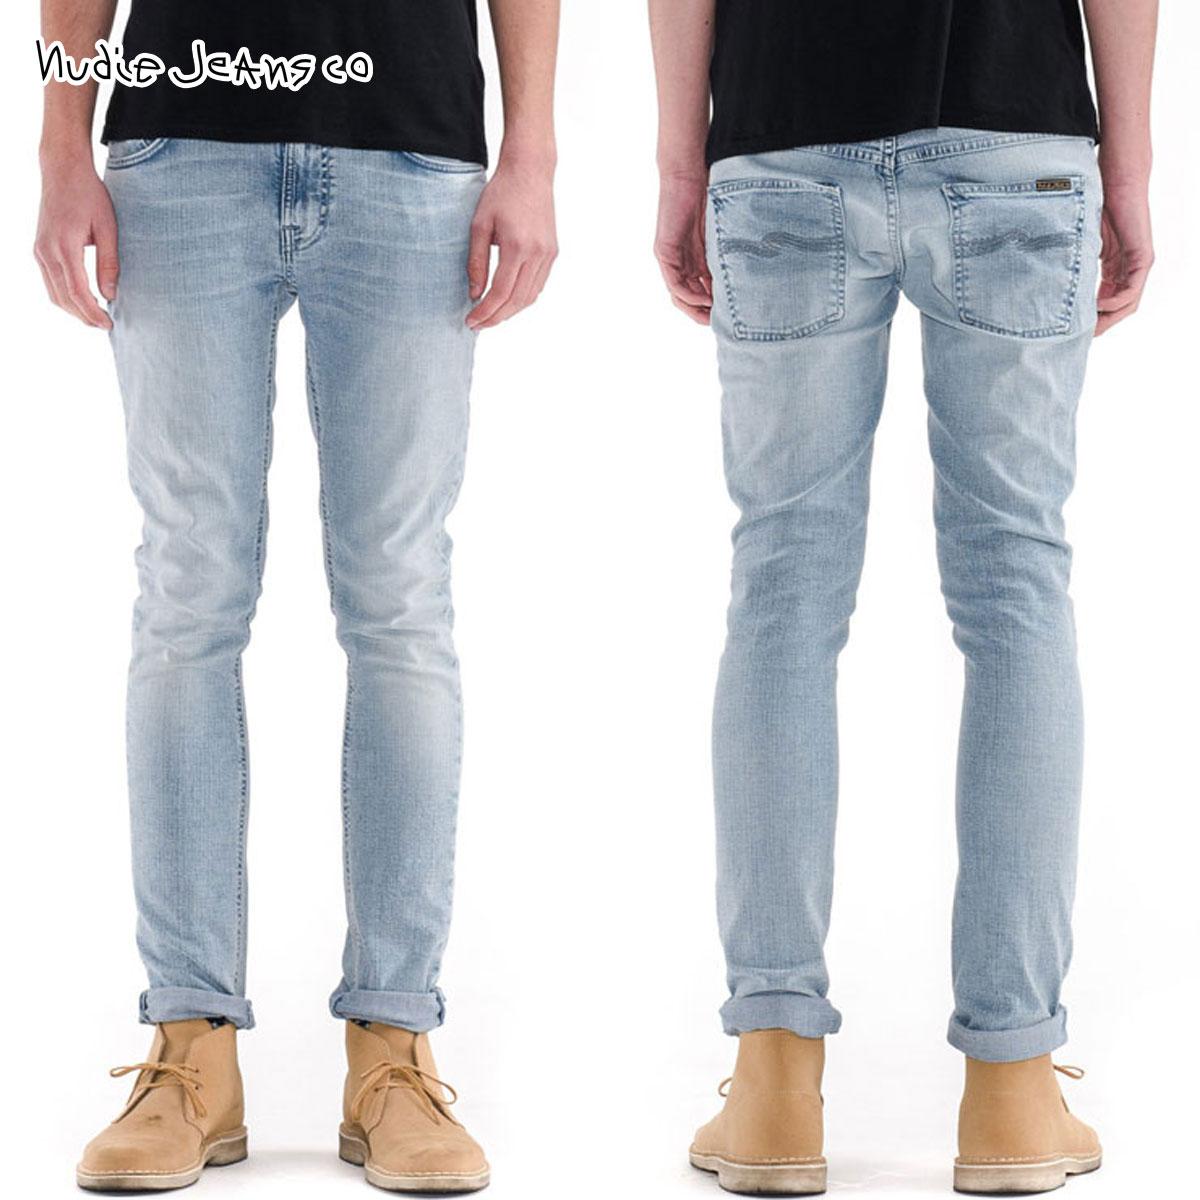 ヌーディージーンズ Nudie Jeans 正規販売店 メンズ ジーンズThin Finn Broken Pale 608 1120640